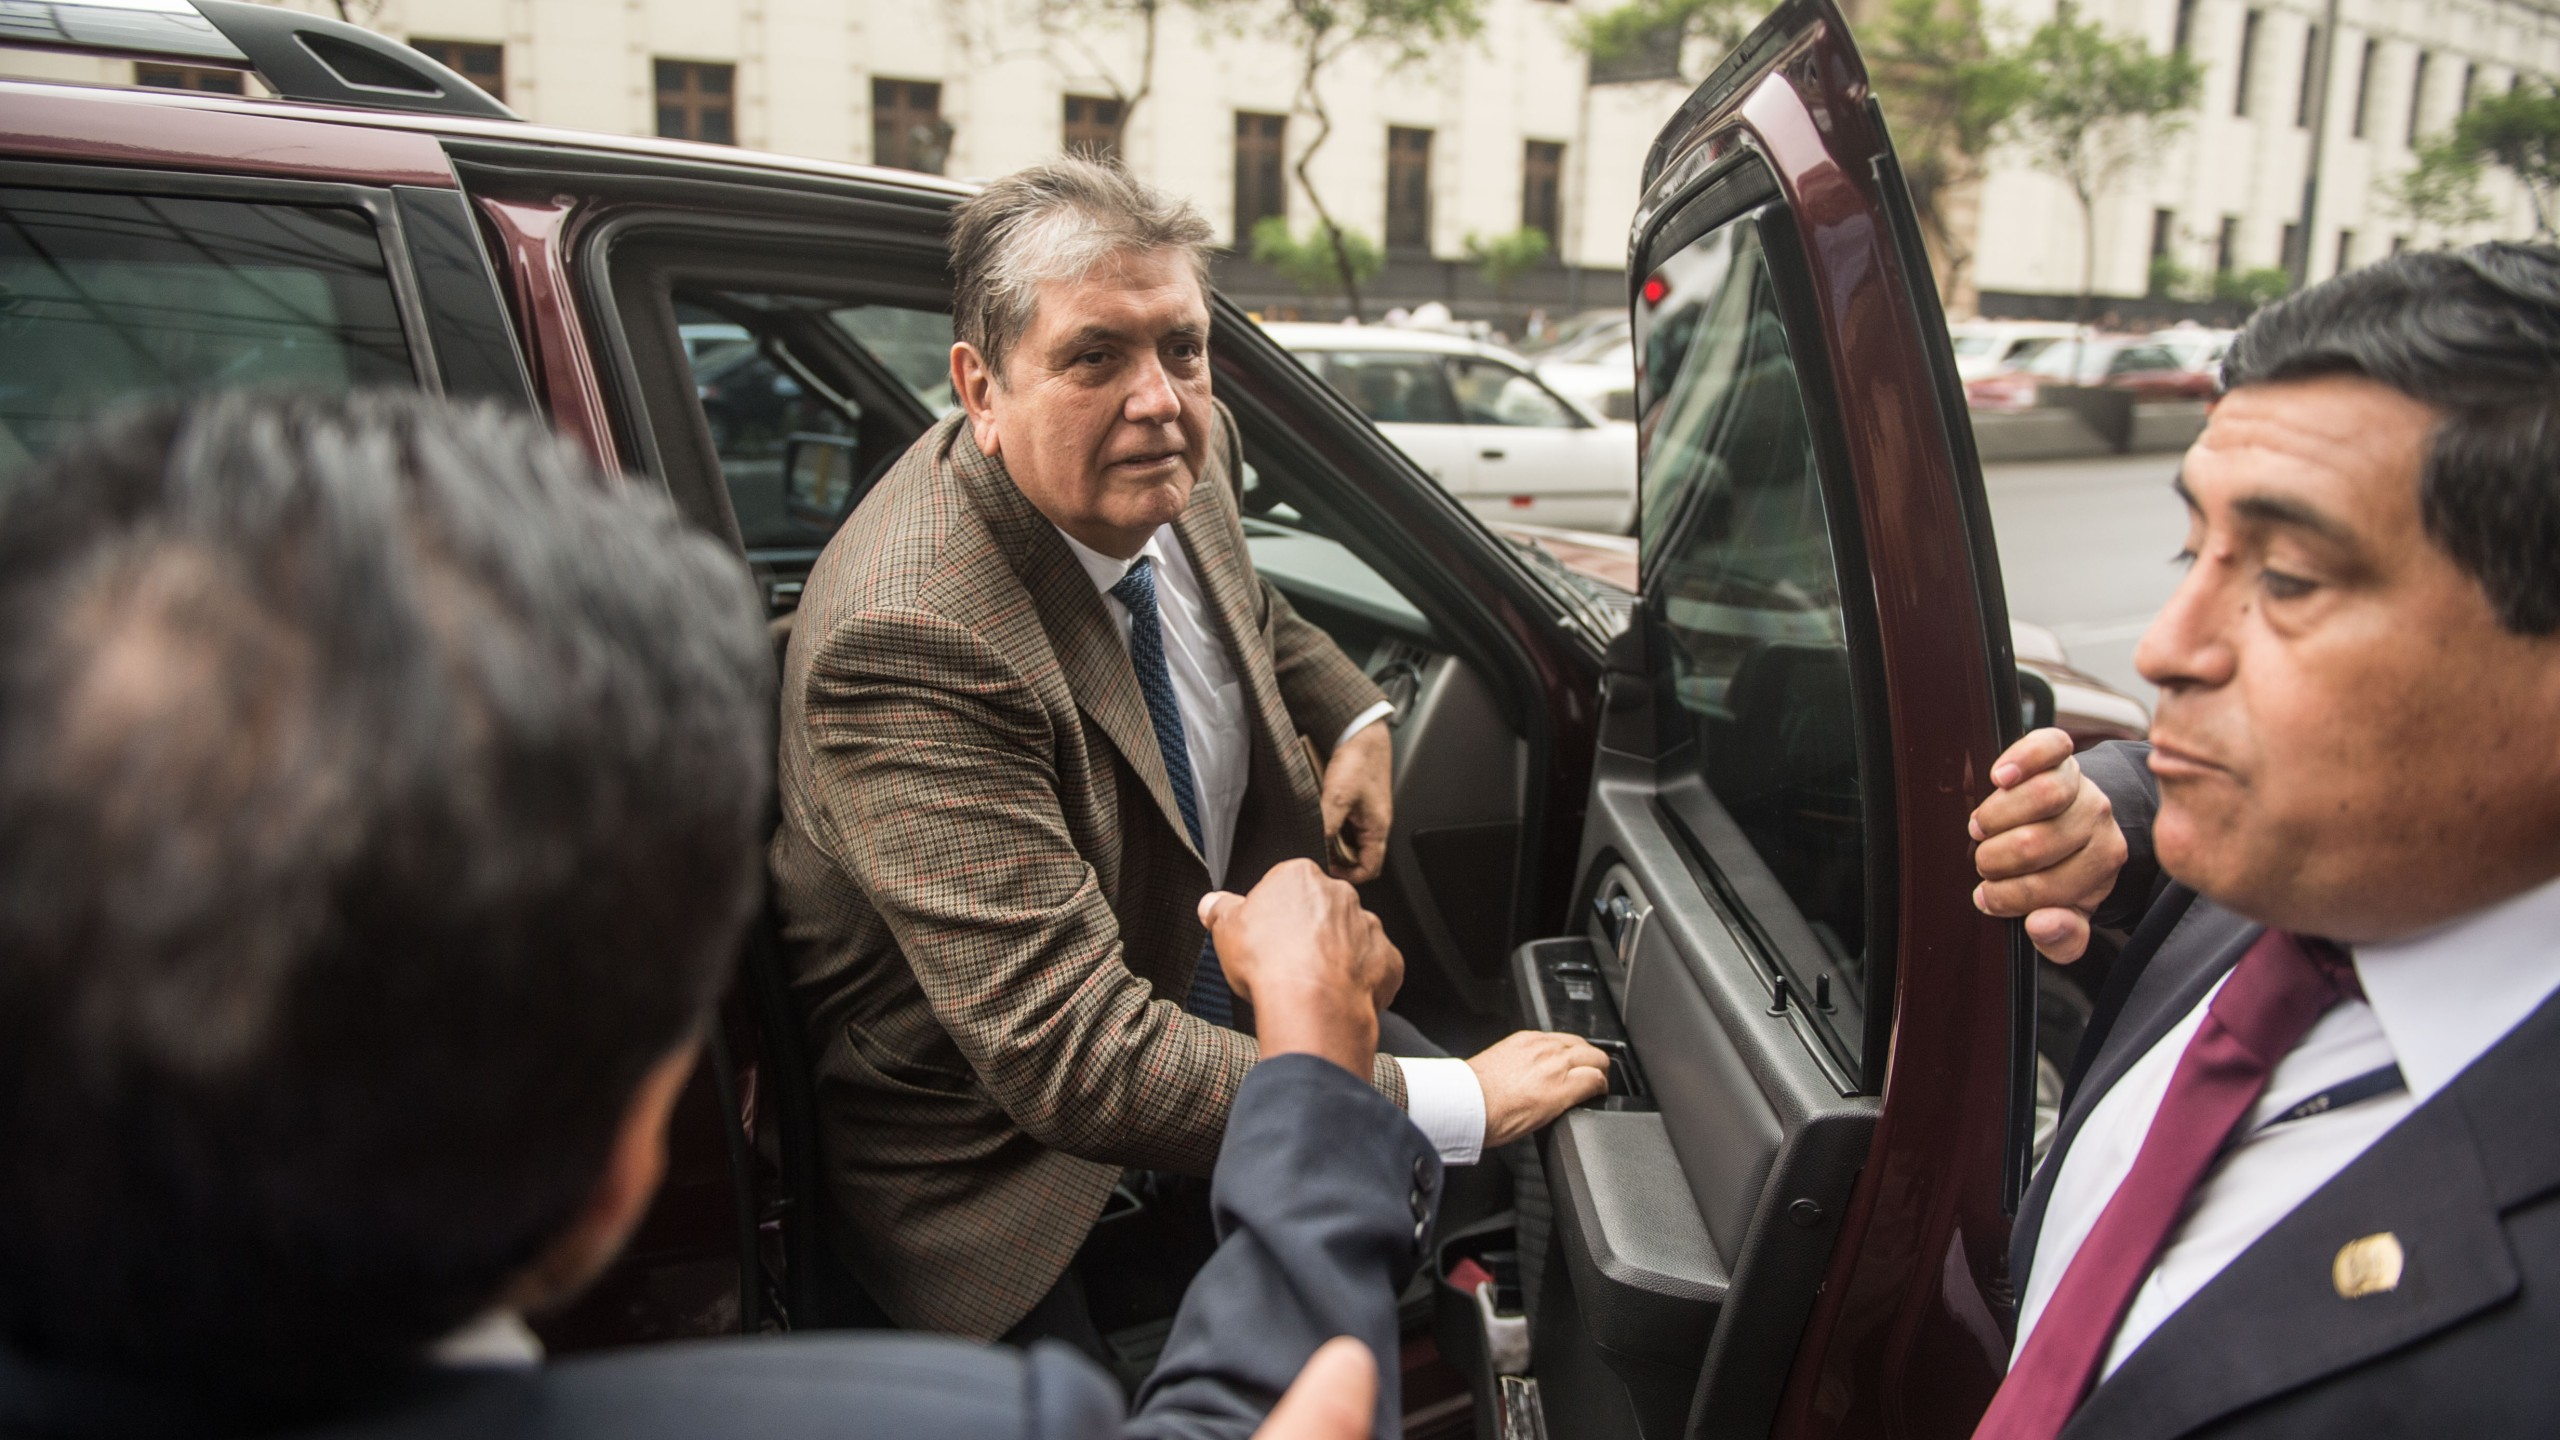 Alan Garcia arrives at the prosecutor office in Lima on Nov. 15, 2018. (Credit: ERNESTO BENAVIDES/AFP/Getty Images)